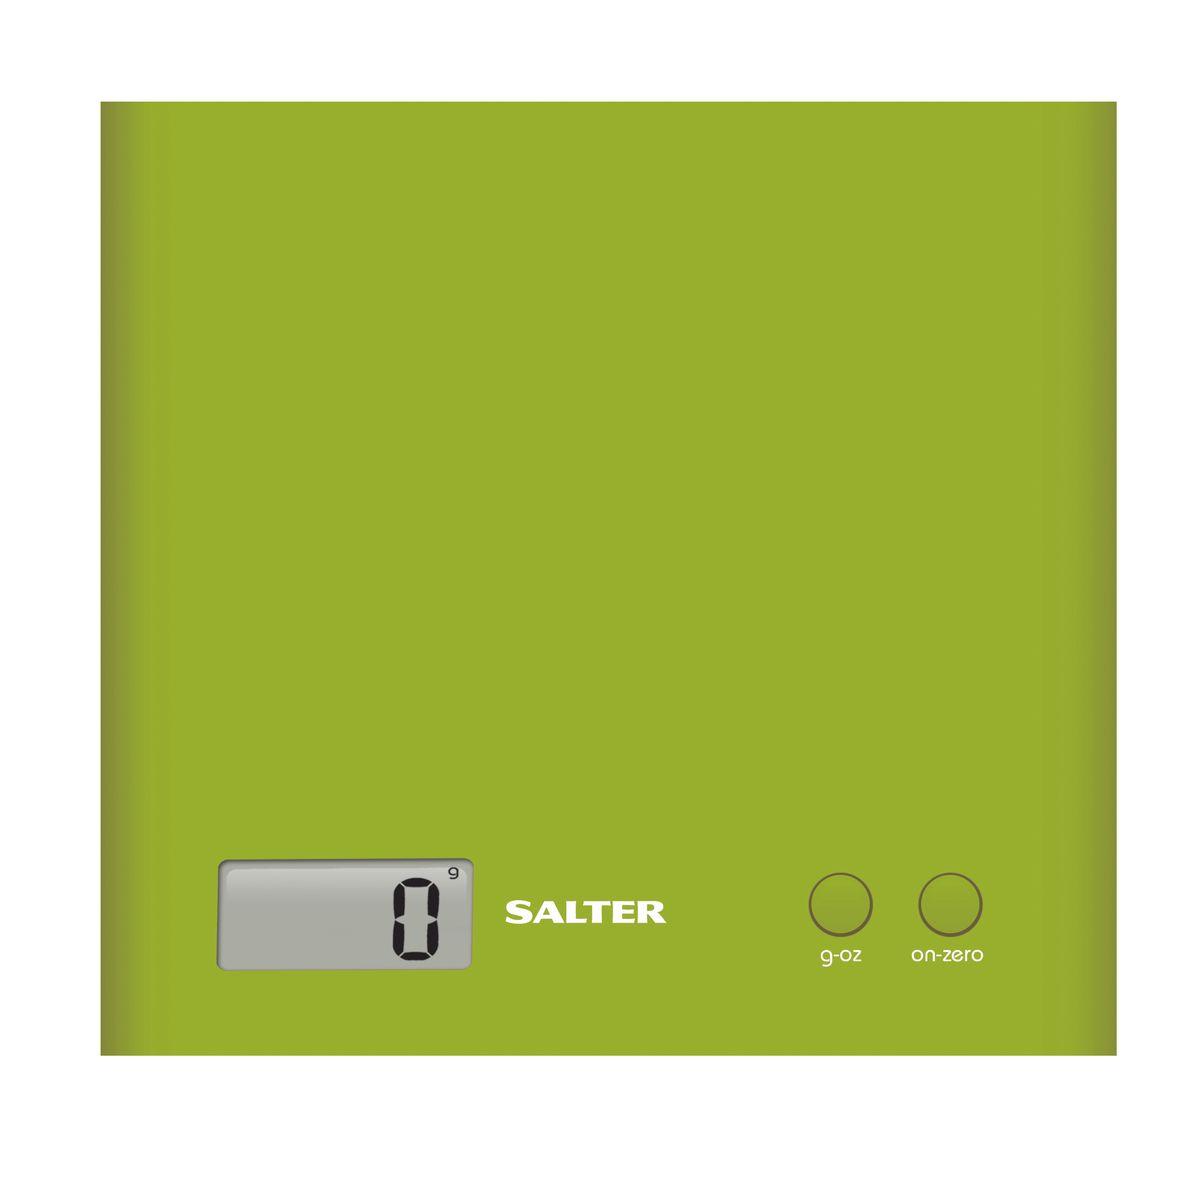 Salter 1066 GNDR кухонные весы1066 GNDRЭлектронные кухонные весы Salter 1066 GNDR.Функция - добавь и взвешивай - позволяет взвешивать различные ингредиенты в одной емкости. Режим переключения между метрической и имперской системой измерения. Компактный, тонкий и современный дизайн.